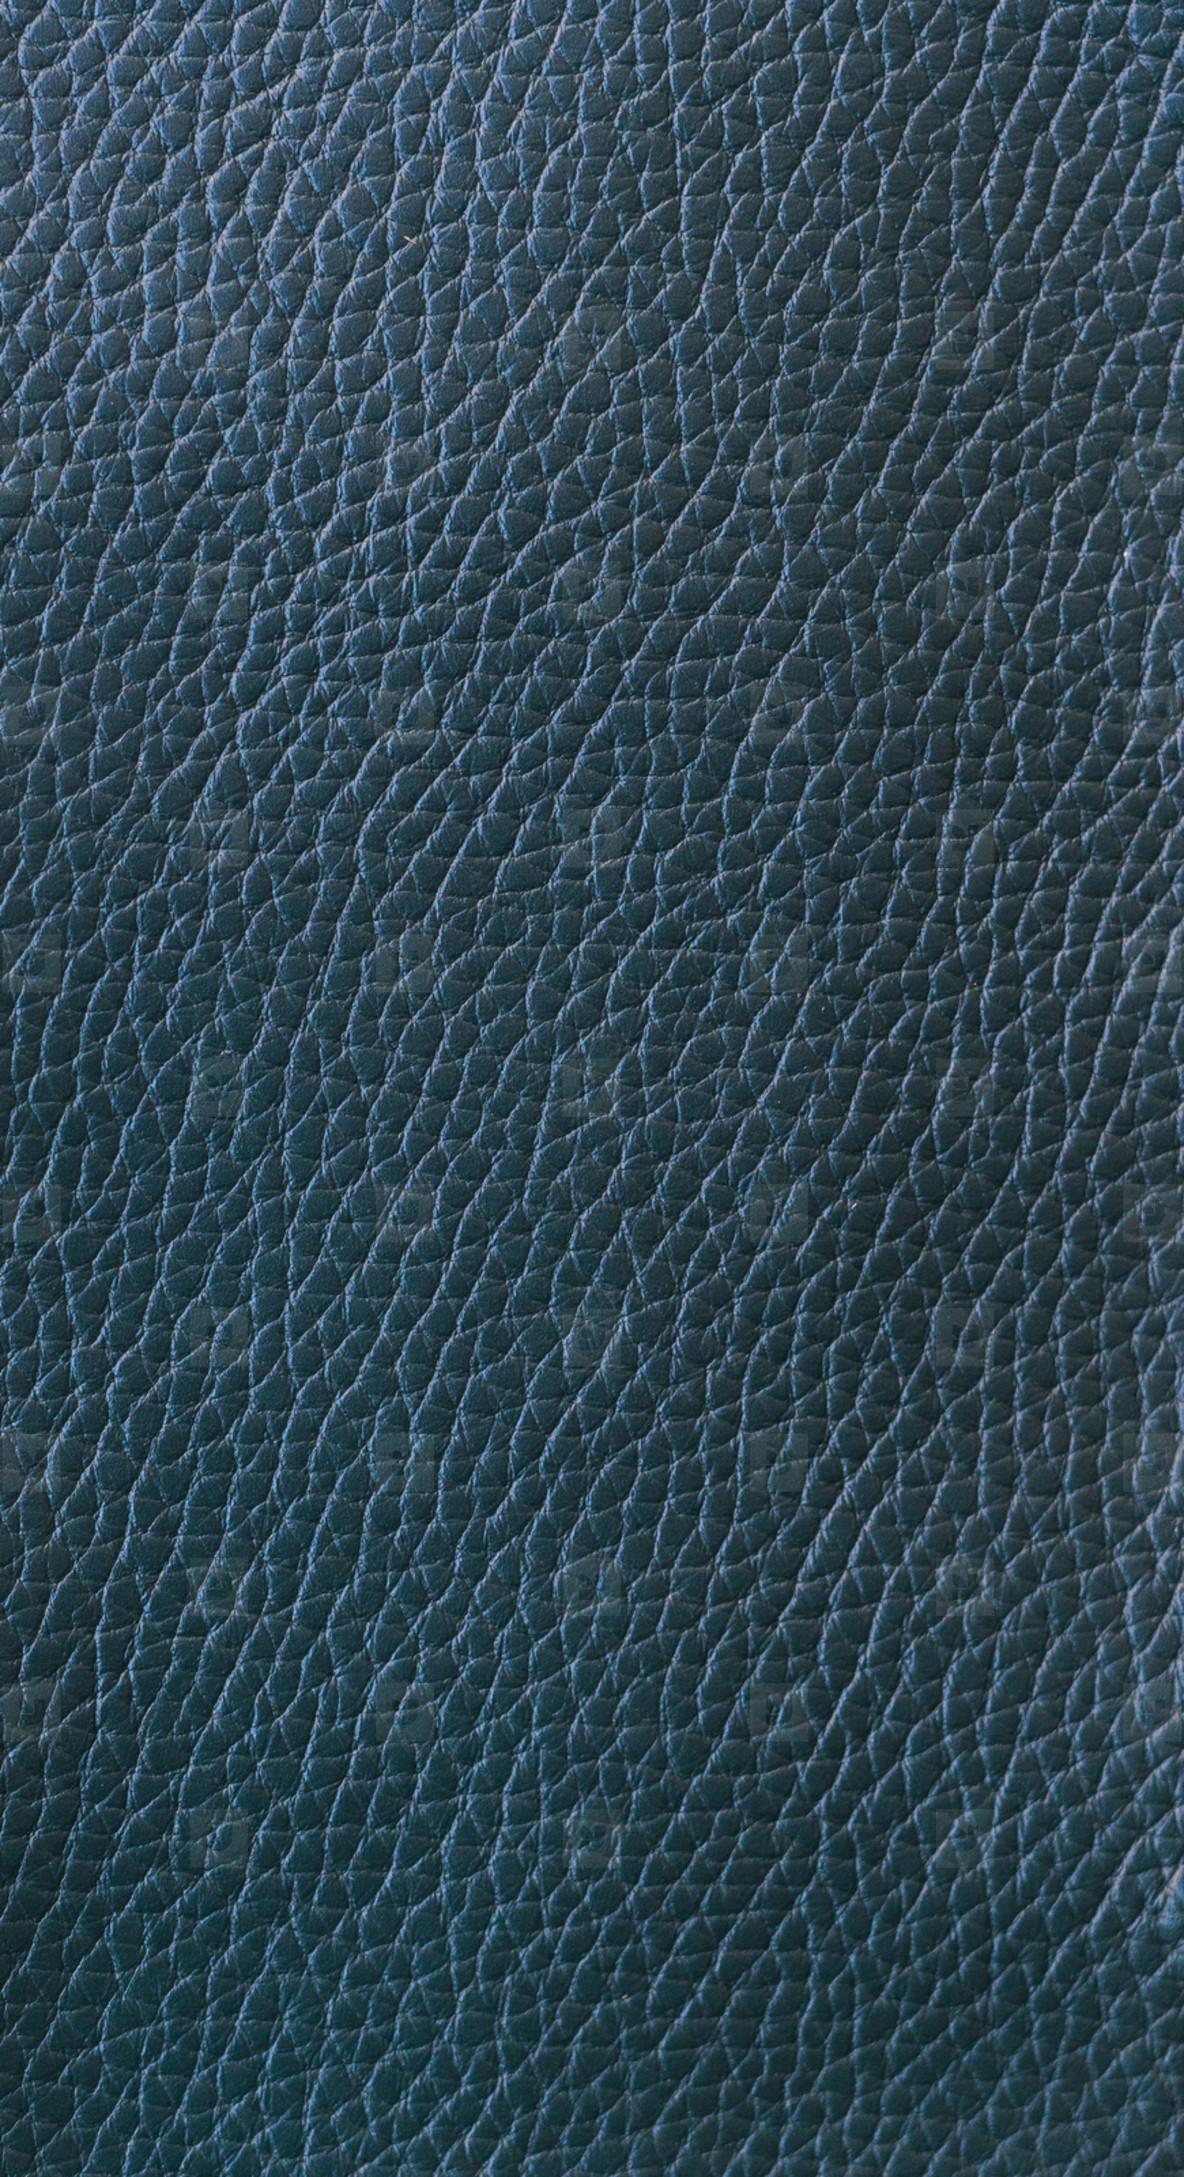 calf skin texture in dark cyan color